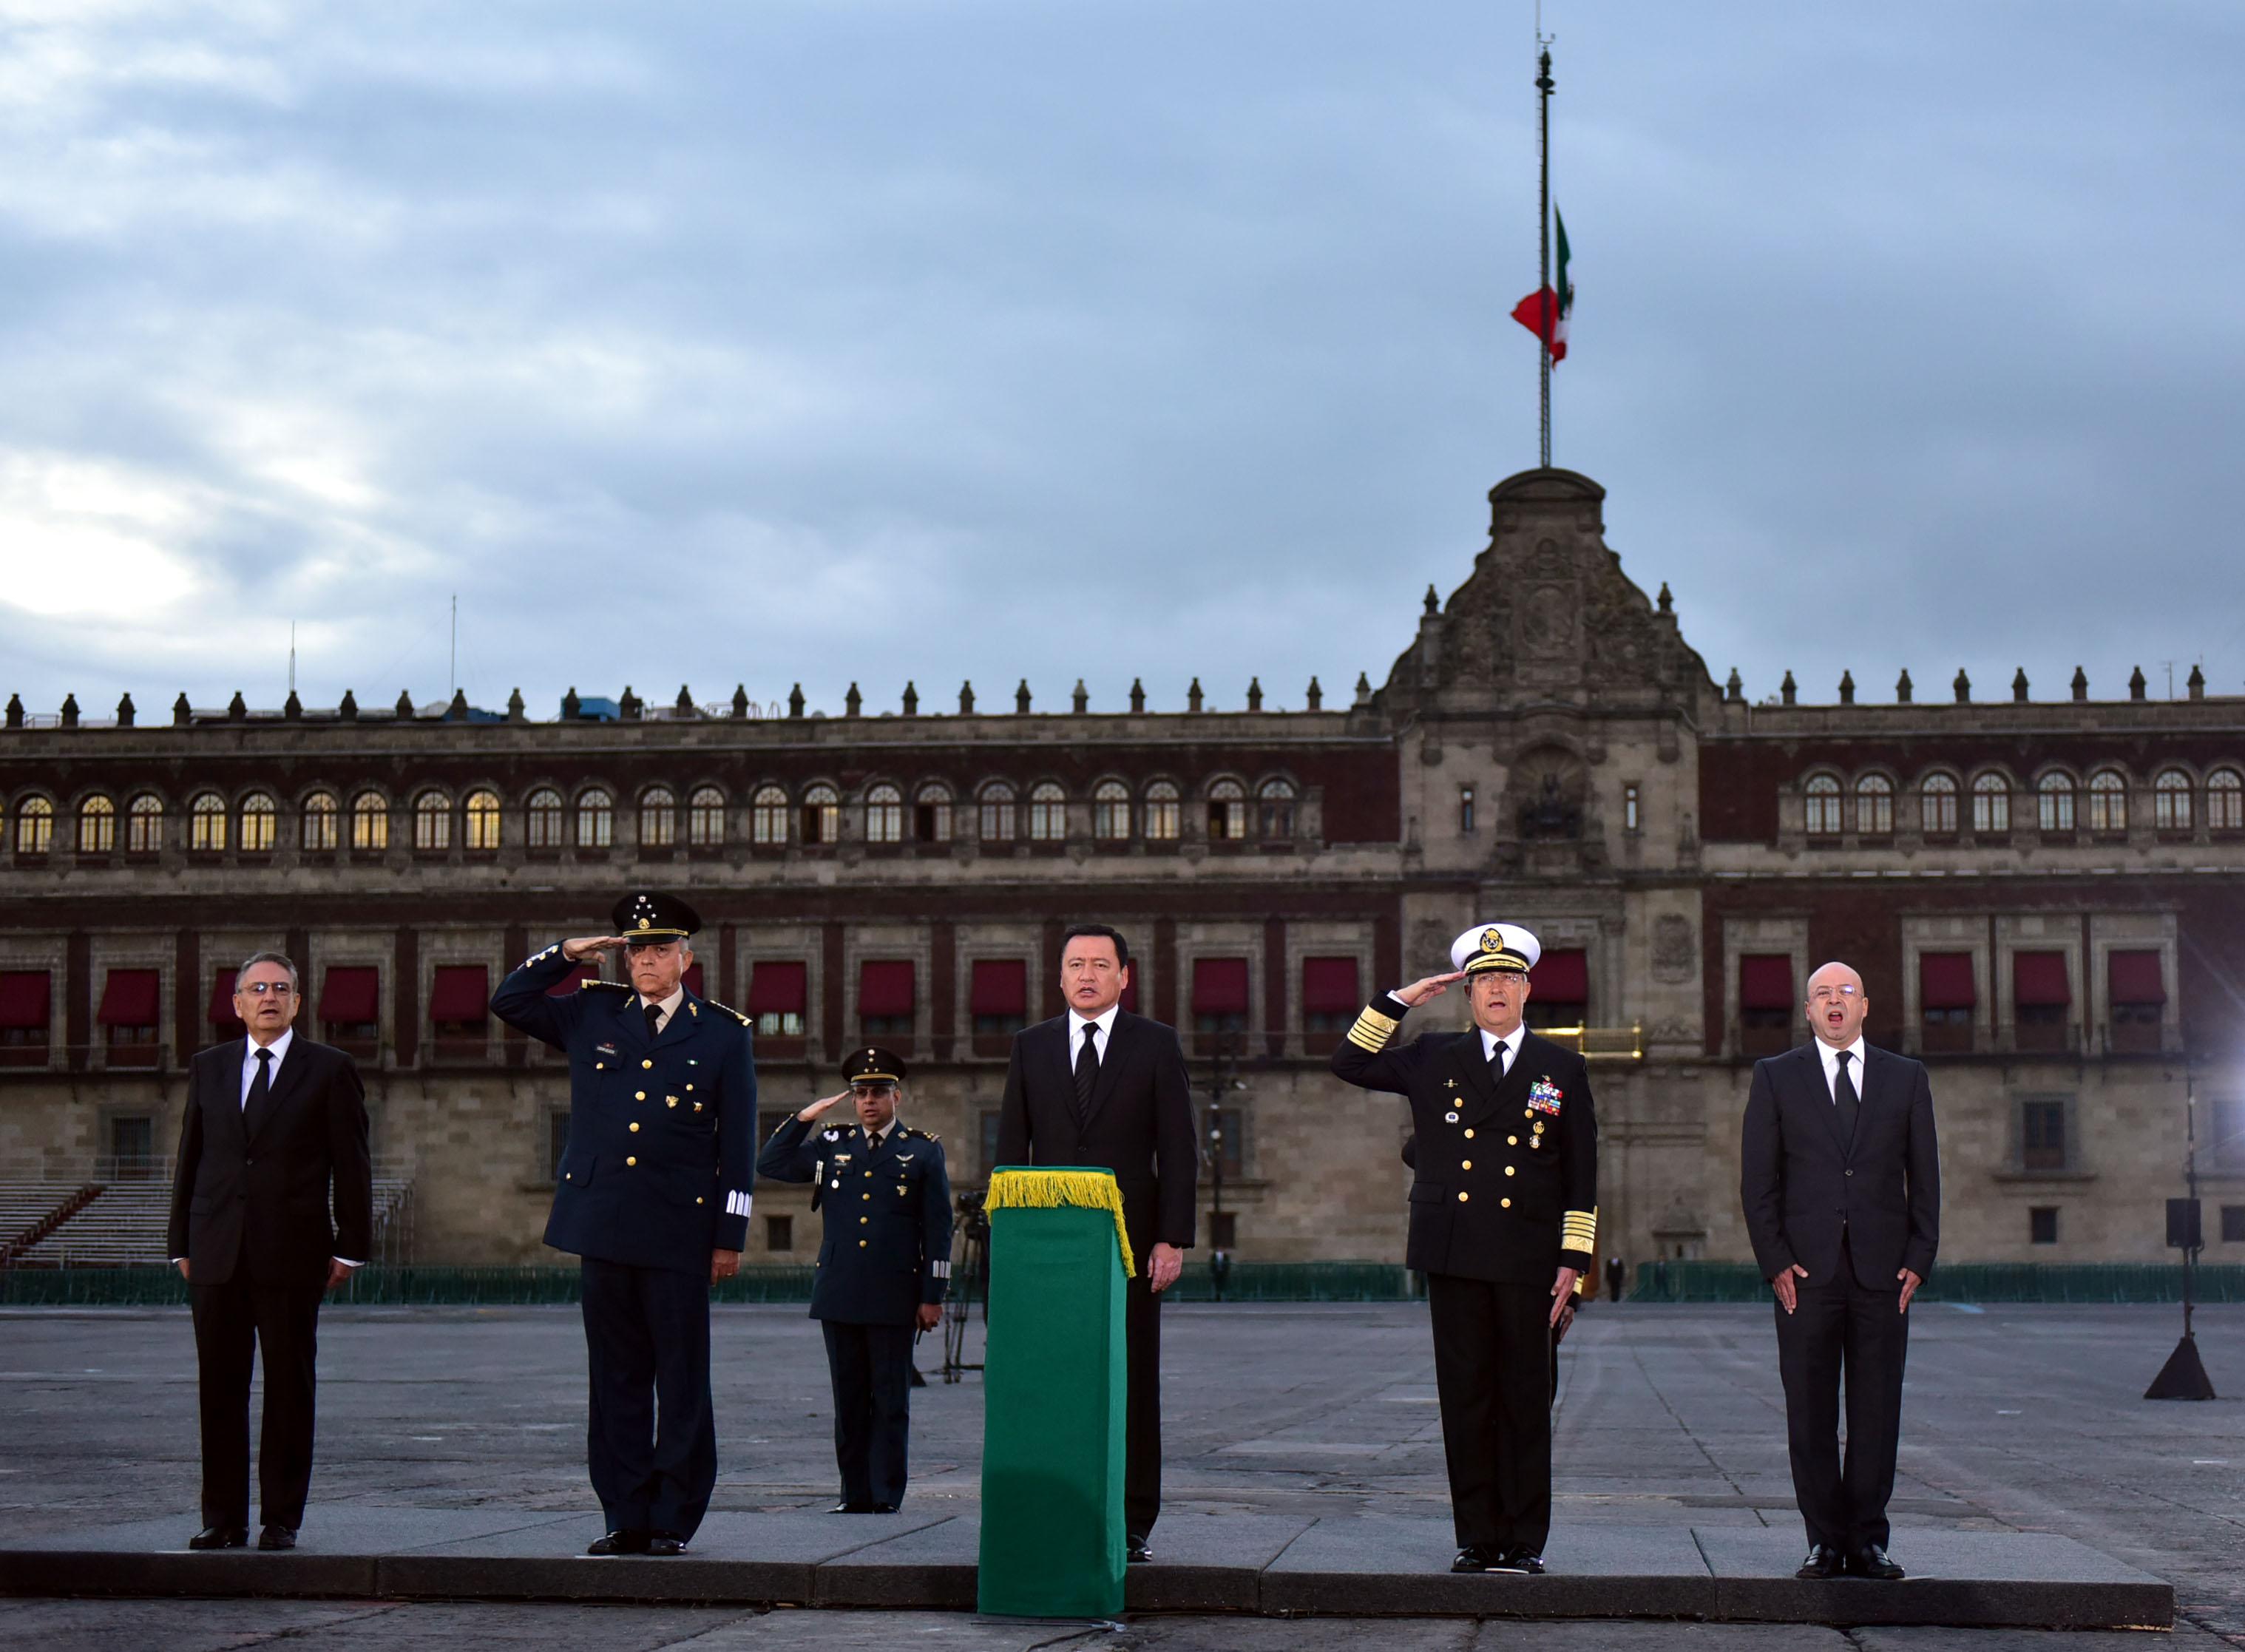 El Secretario de Gobernación, Miguel Ángel Osorio Chong, encabezó el izamiento de la Bandera Nacional en memoria de las personas que perdieron la vida en los sismos de 1985.